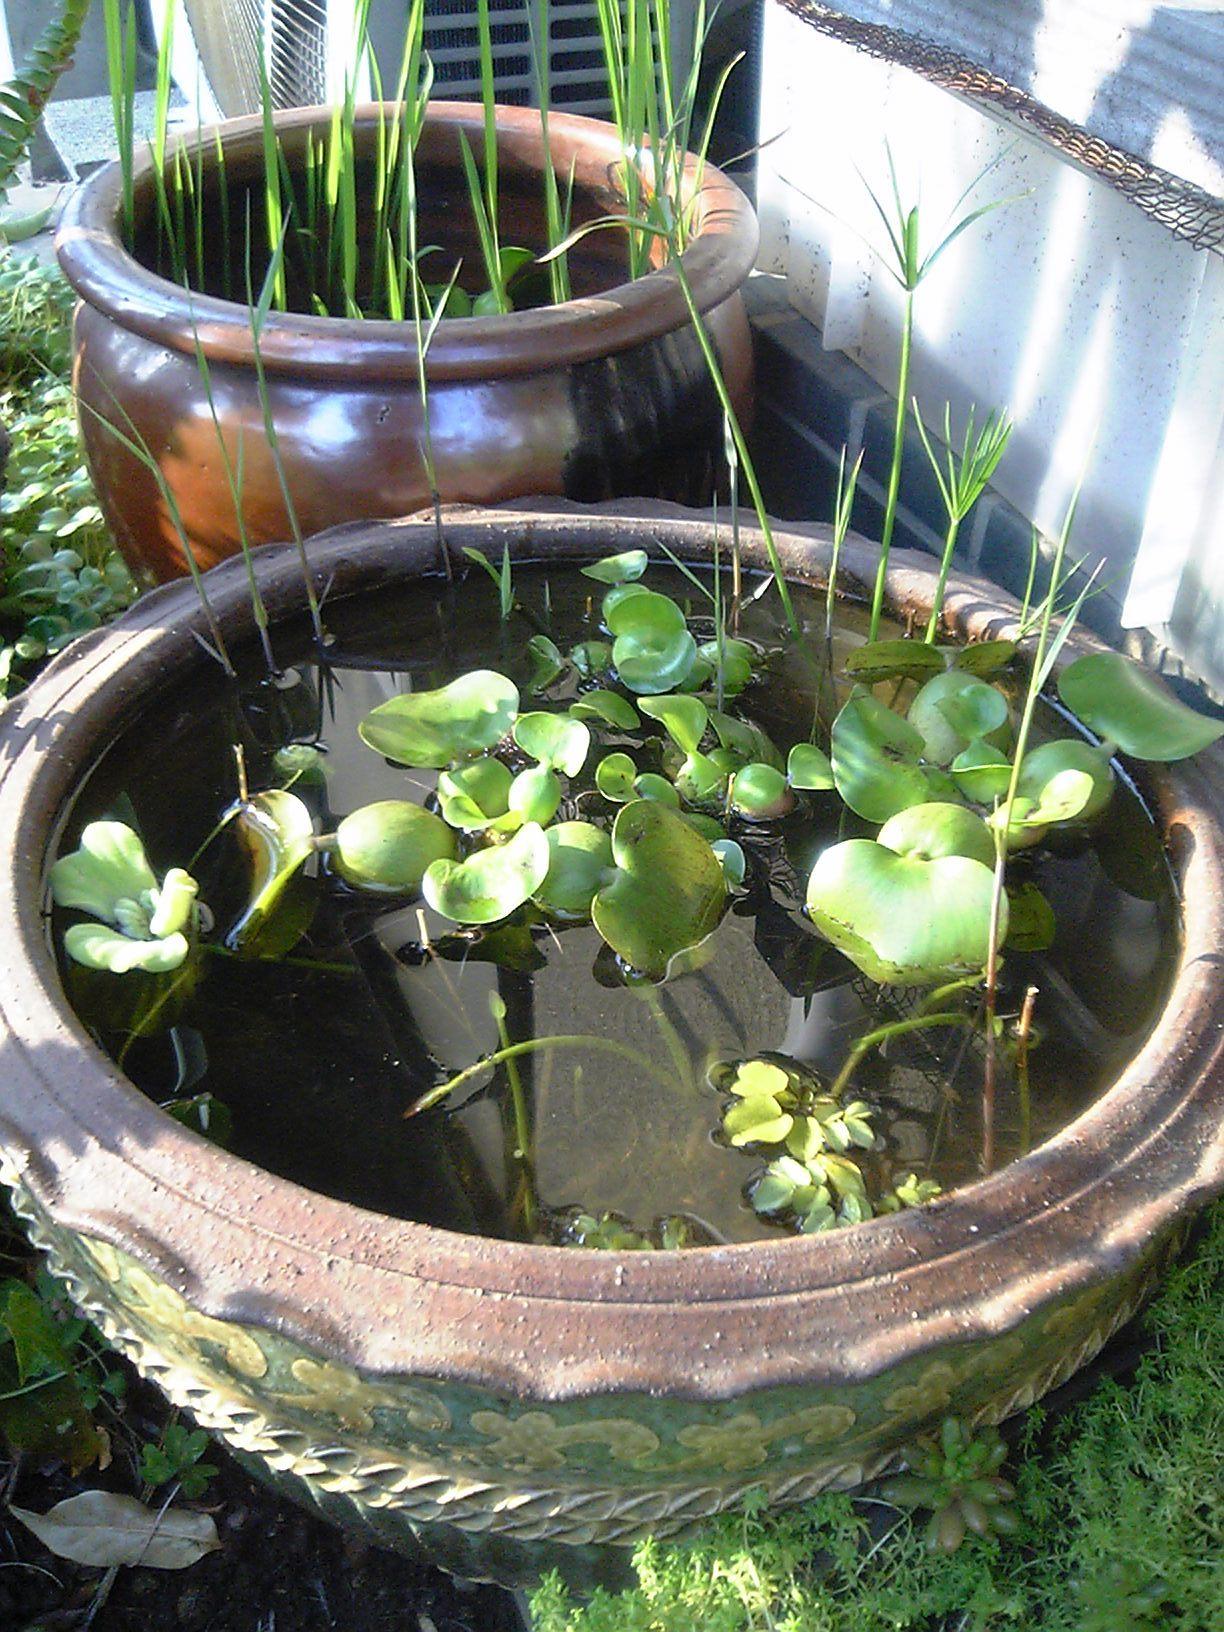 ビオトープを始めよう!自然のままだから、動植物を育てやすいよのサムネイル画像